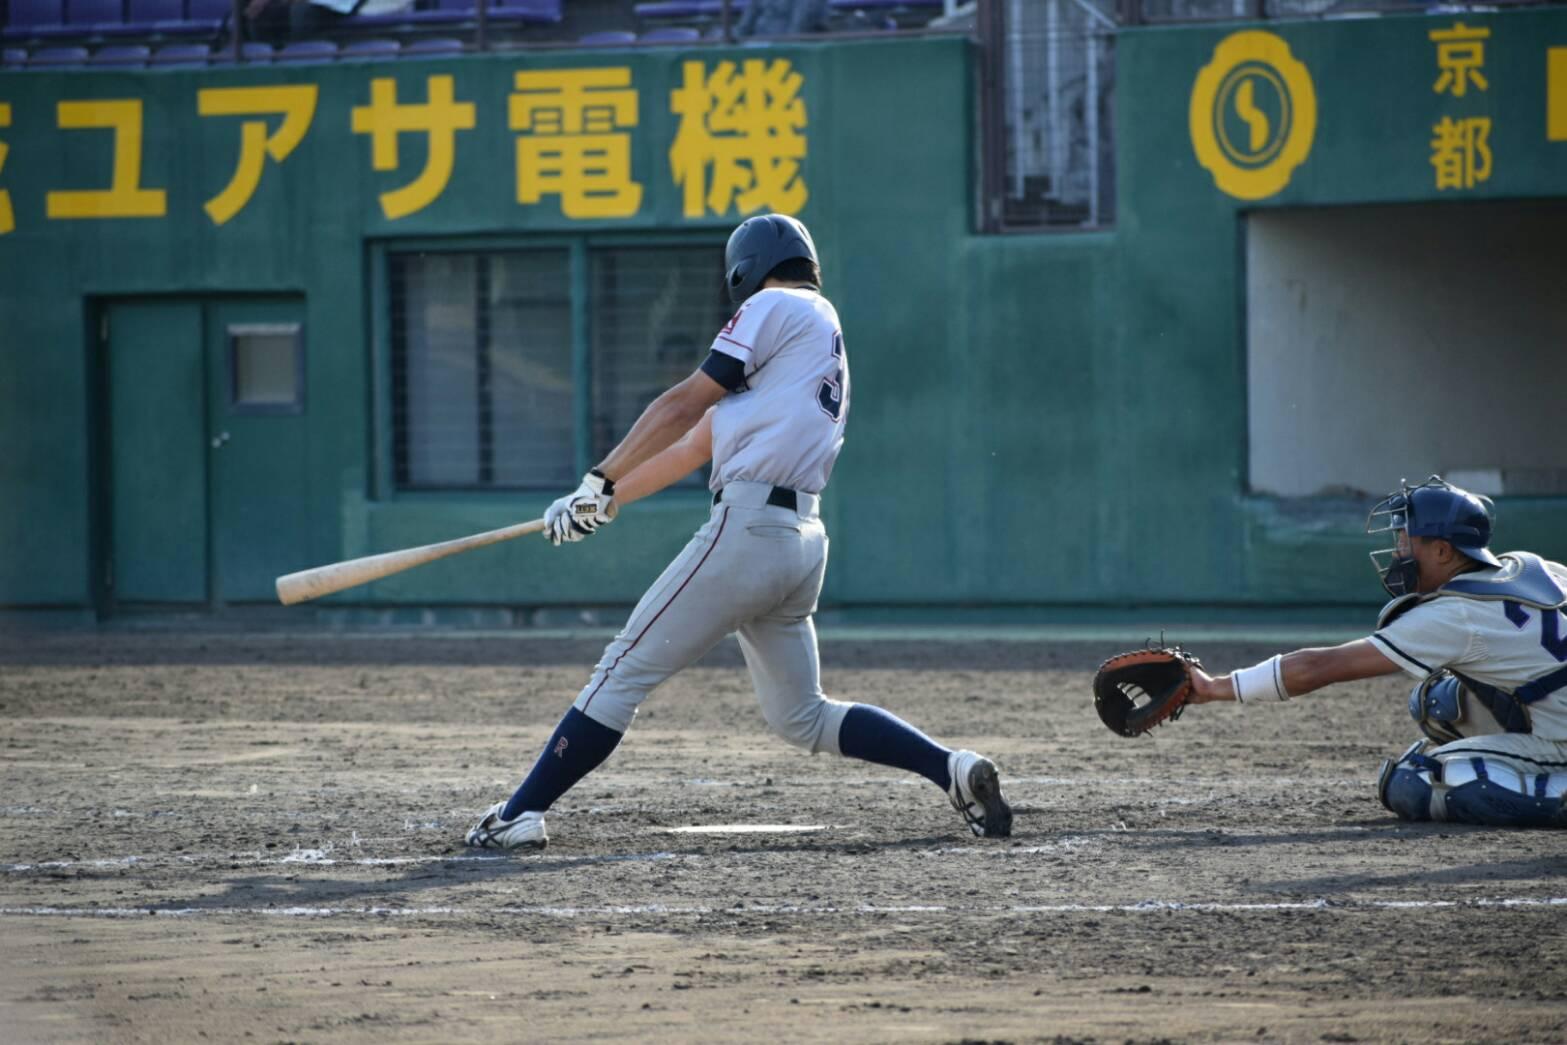 榮枝は昨年の立同戦でもサヨナラ打を放つ活躍を見せた